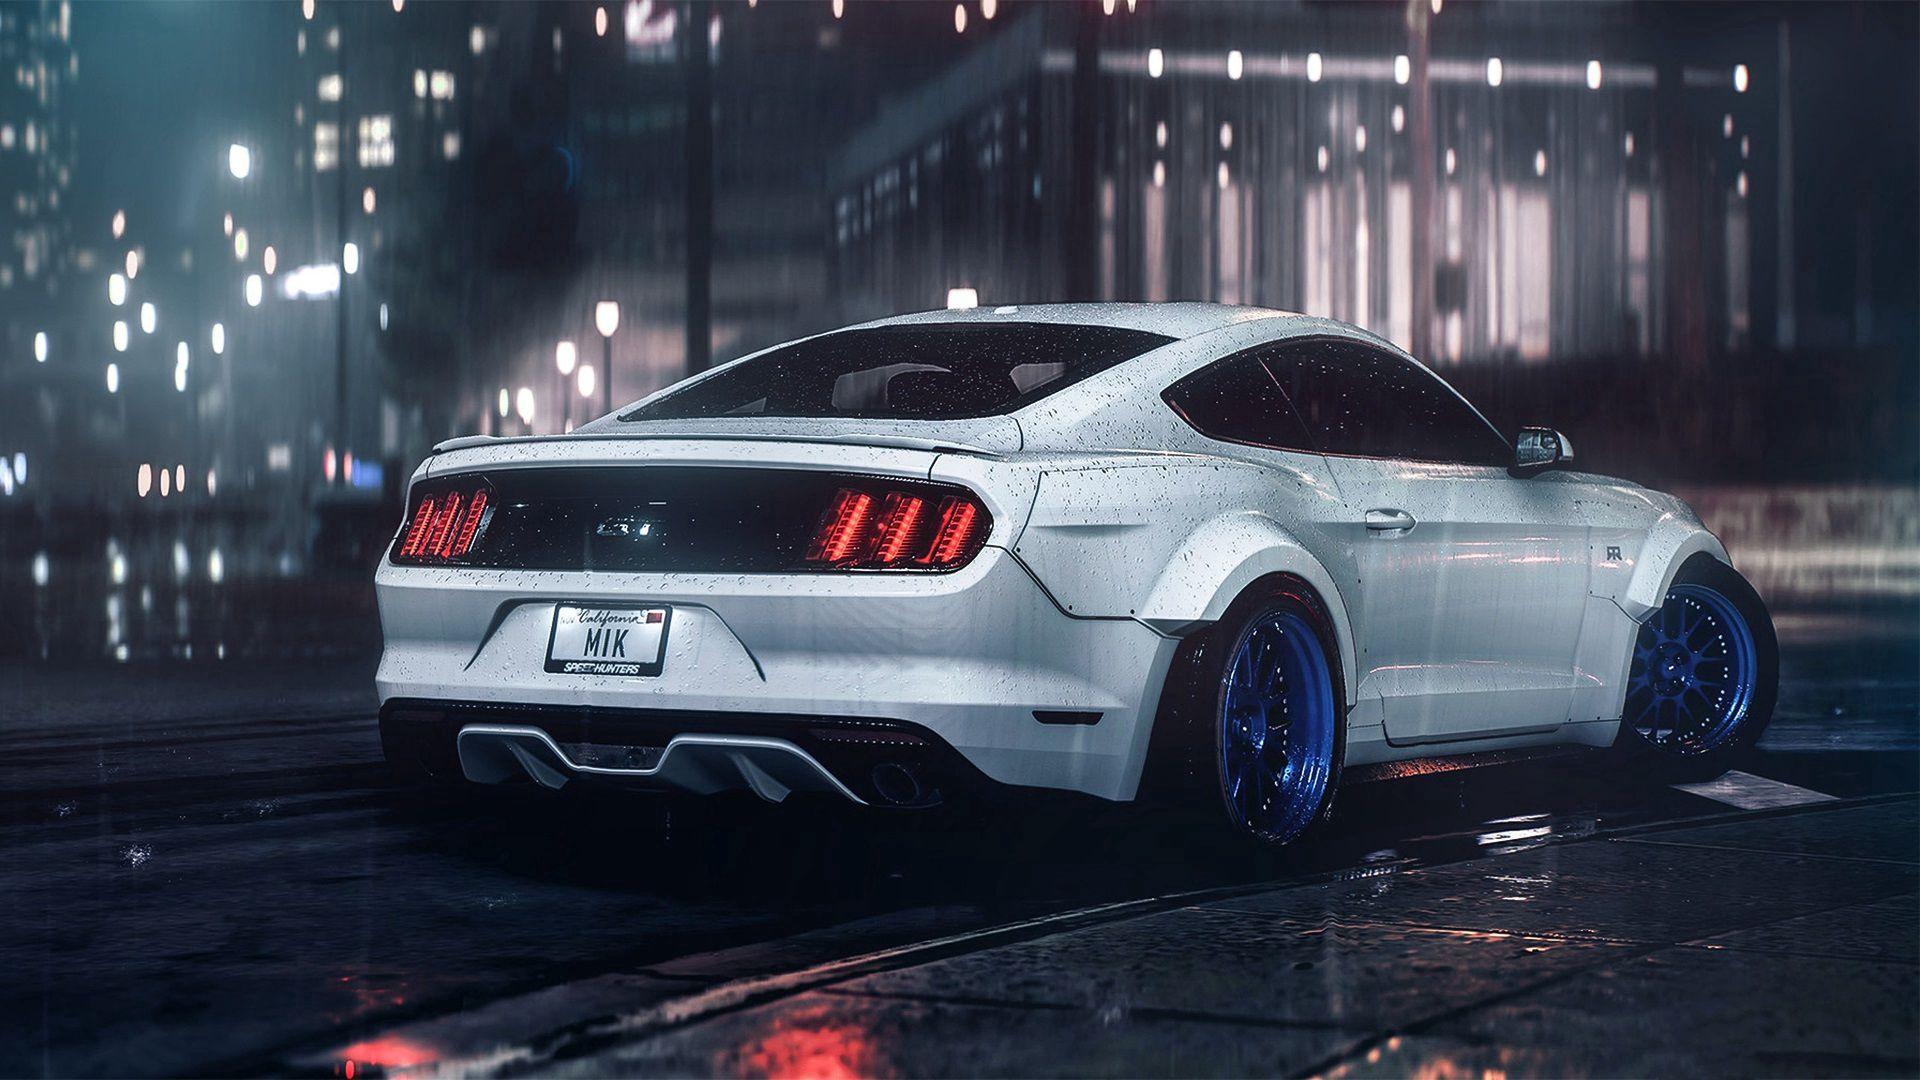 103686 Hintergrundbild herunterladen Ford, Mustang, Cars, Gt, 2016, Rtr - Bildschirmschoner und Bilder kostenlos